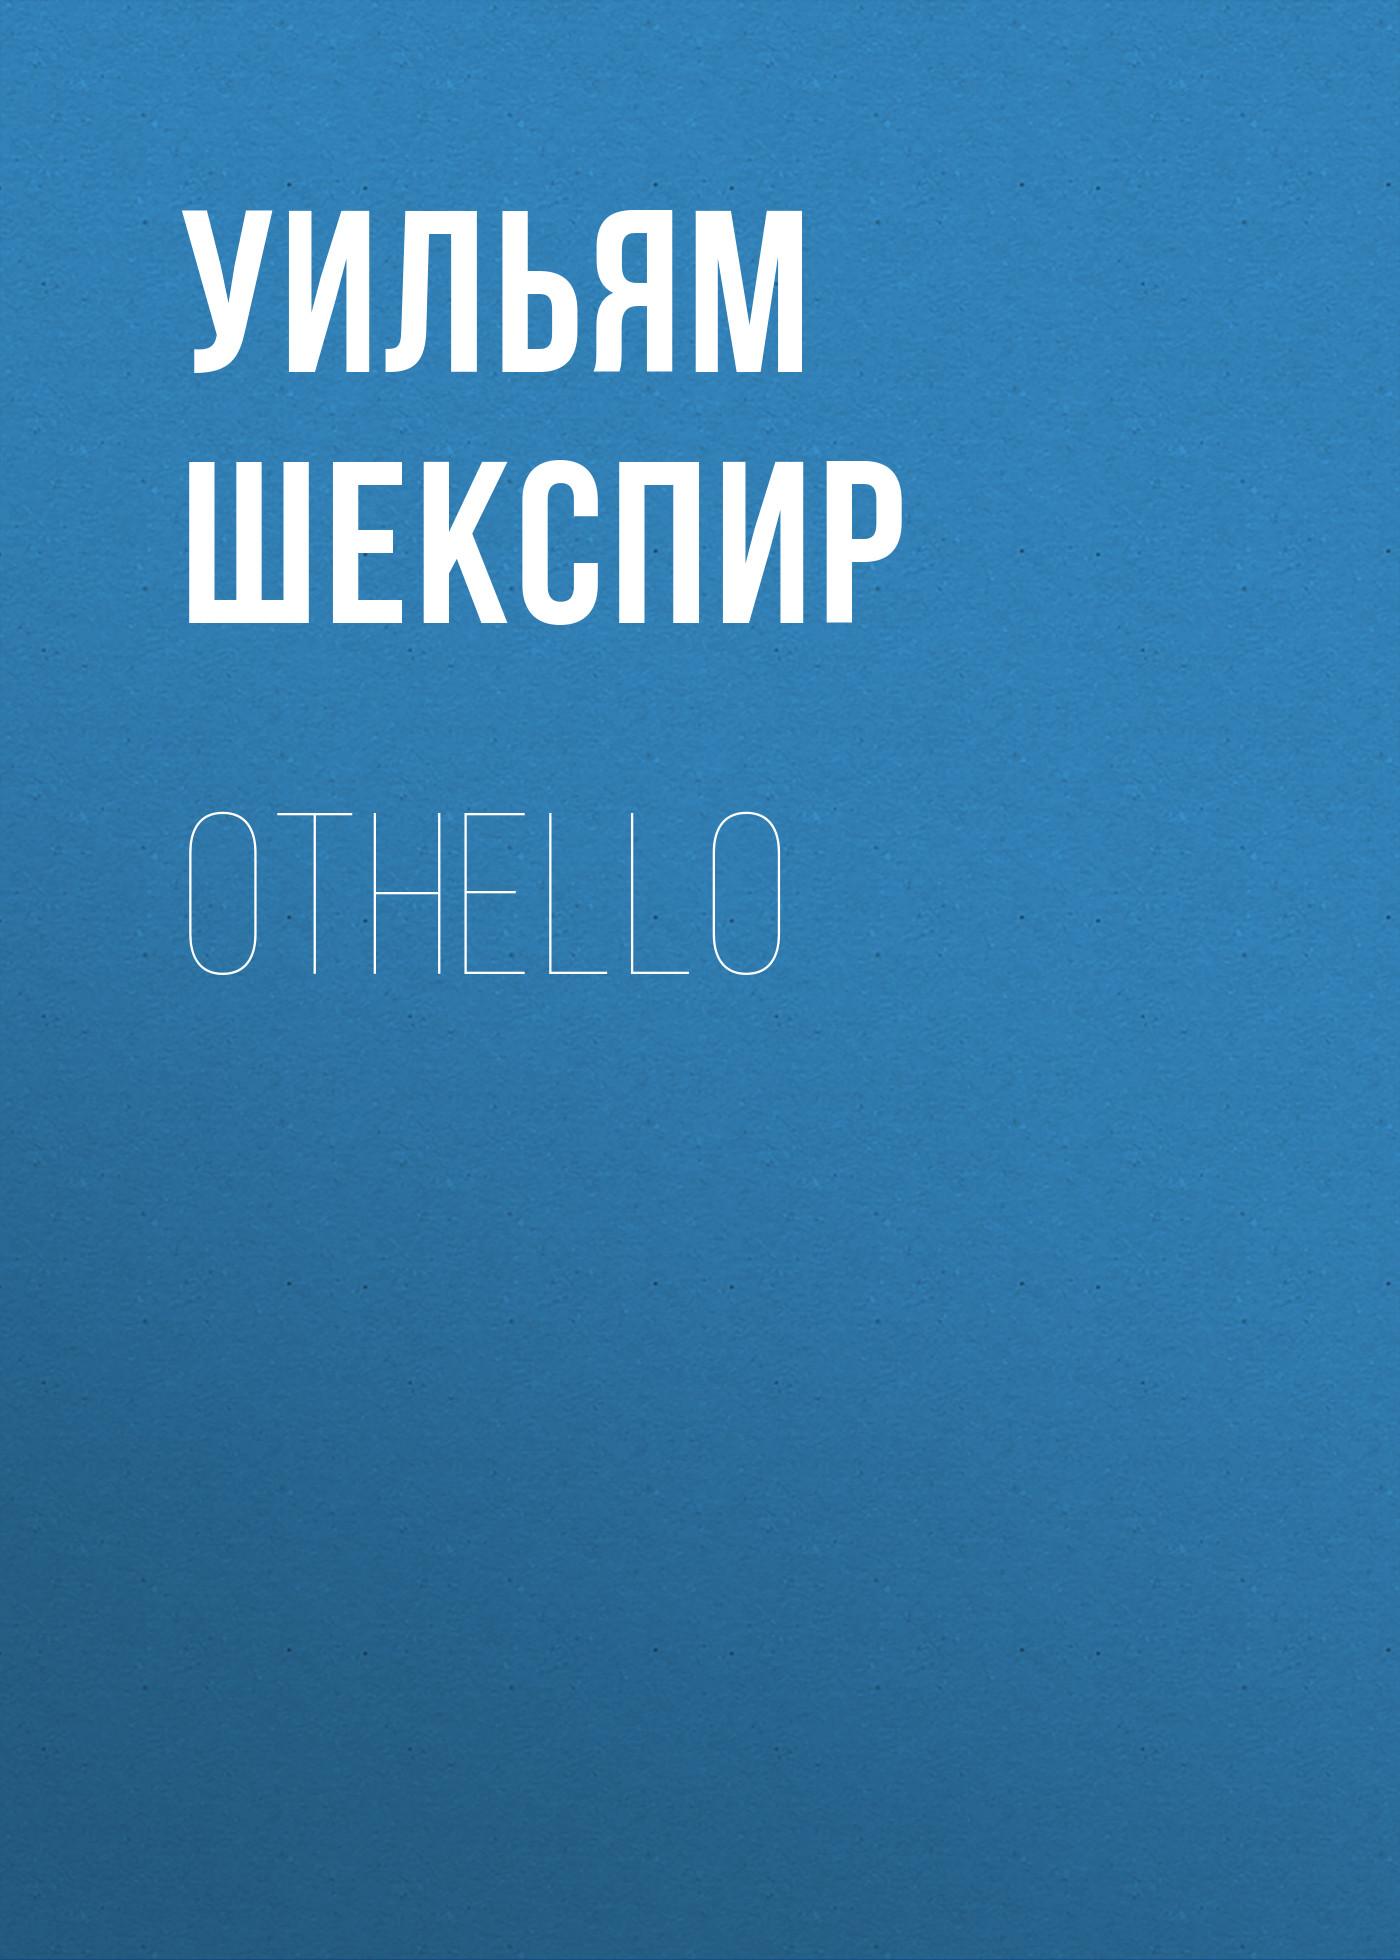 Уильям Шекспир Othello цены онлайн